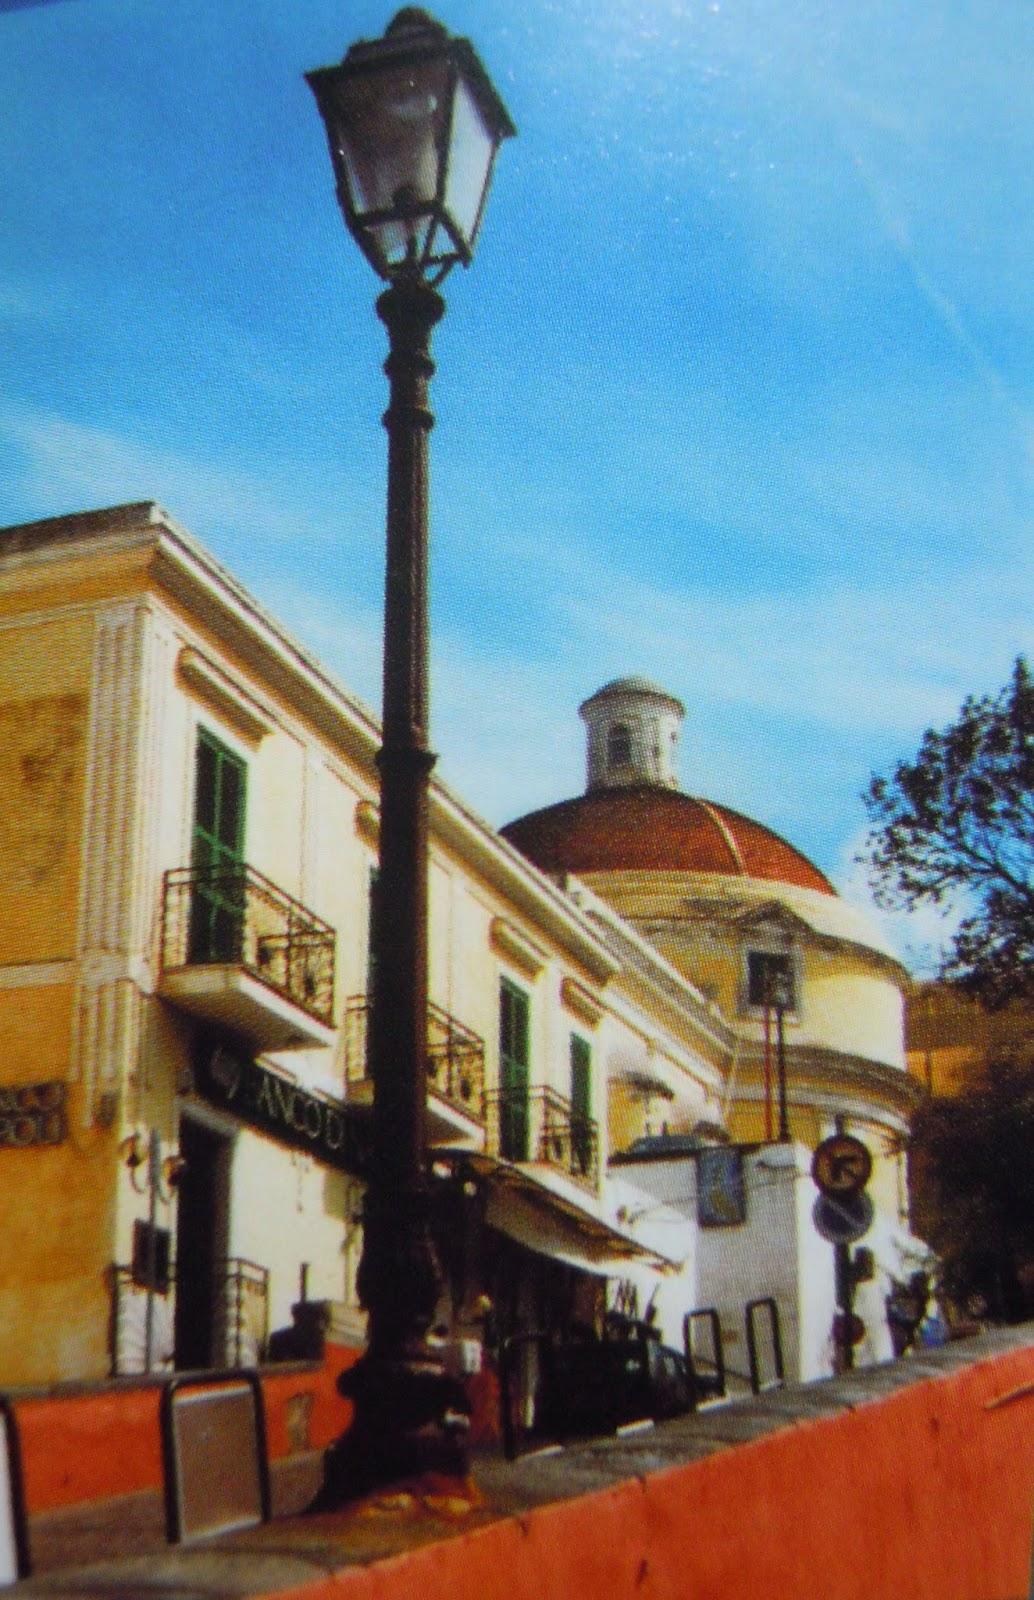 La mia Piazza: il Banco di Napoli